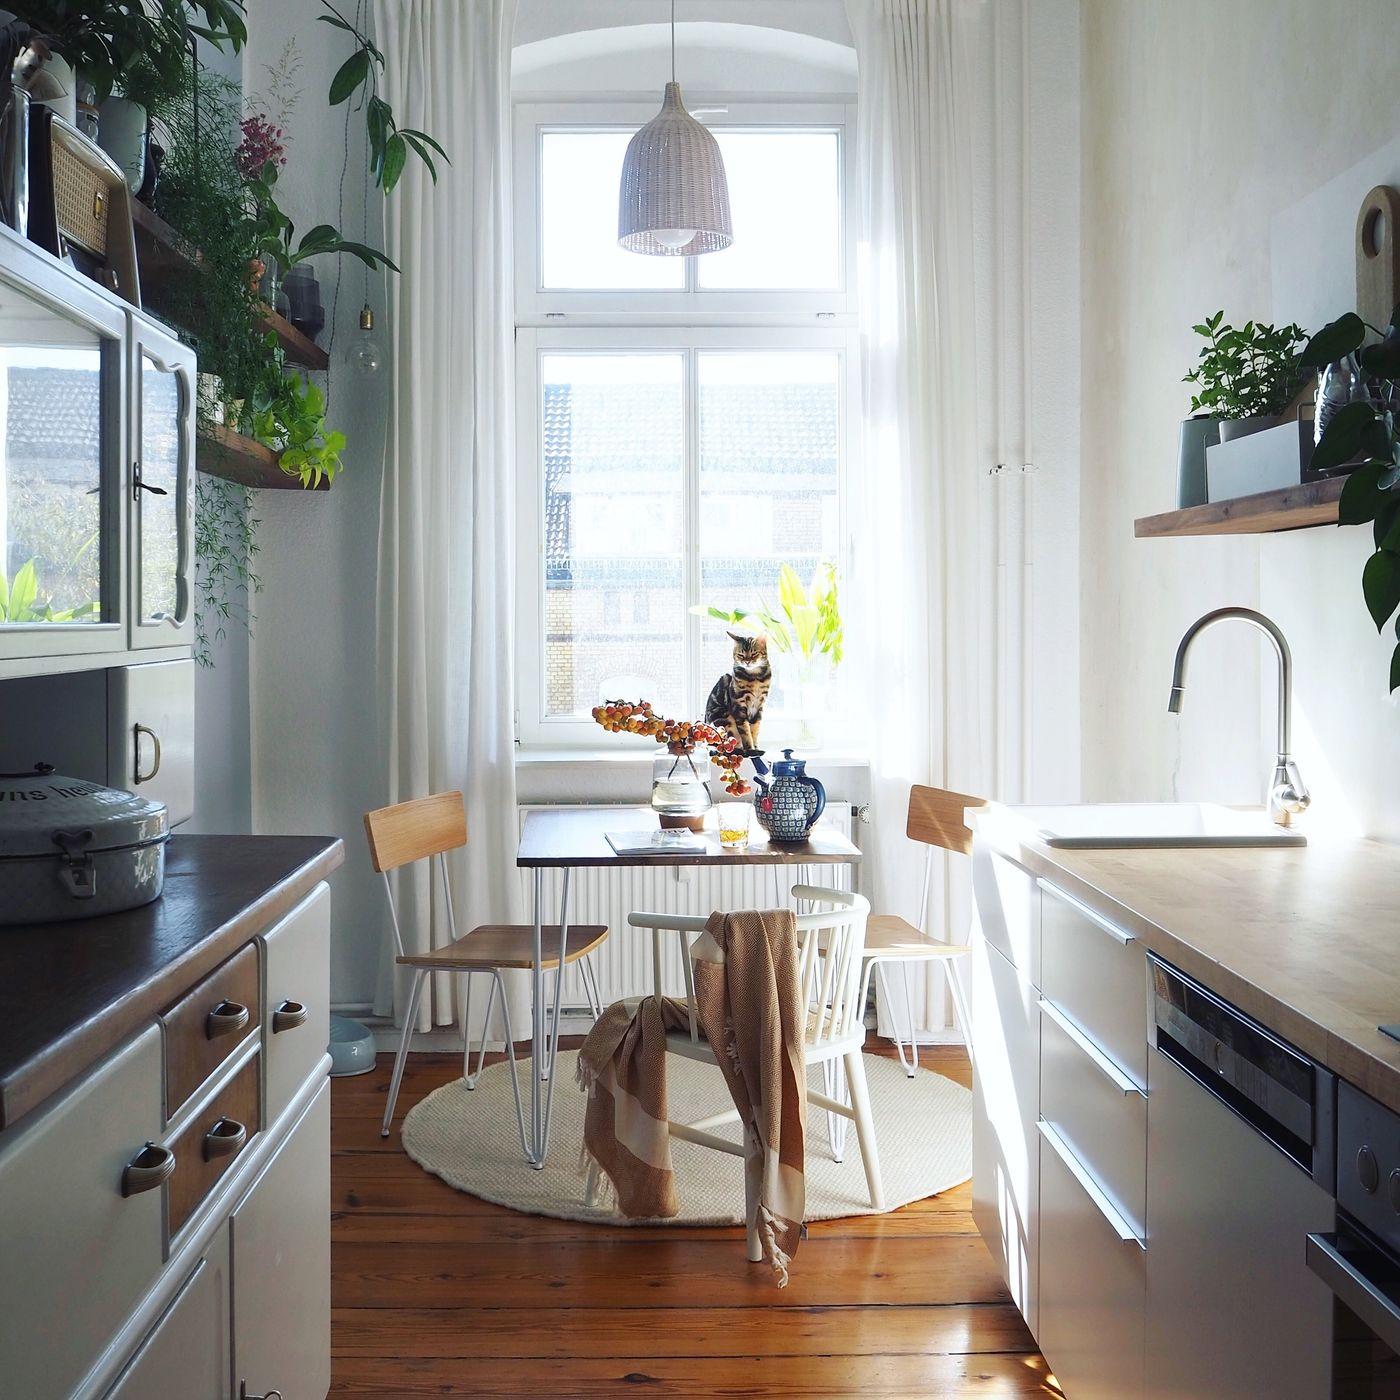 Full Size of Küche Einrichten Stilmix Küche Einrichten Worauf Achten Küche Einrichten Spiele Küche Einrichten Shabby Chic Küche Küche Einrichten